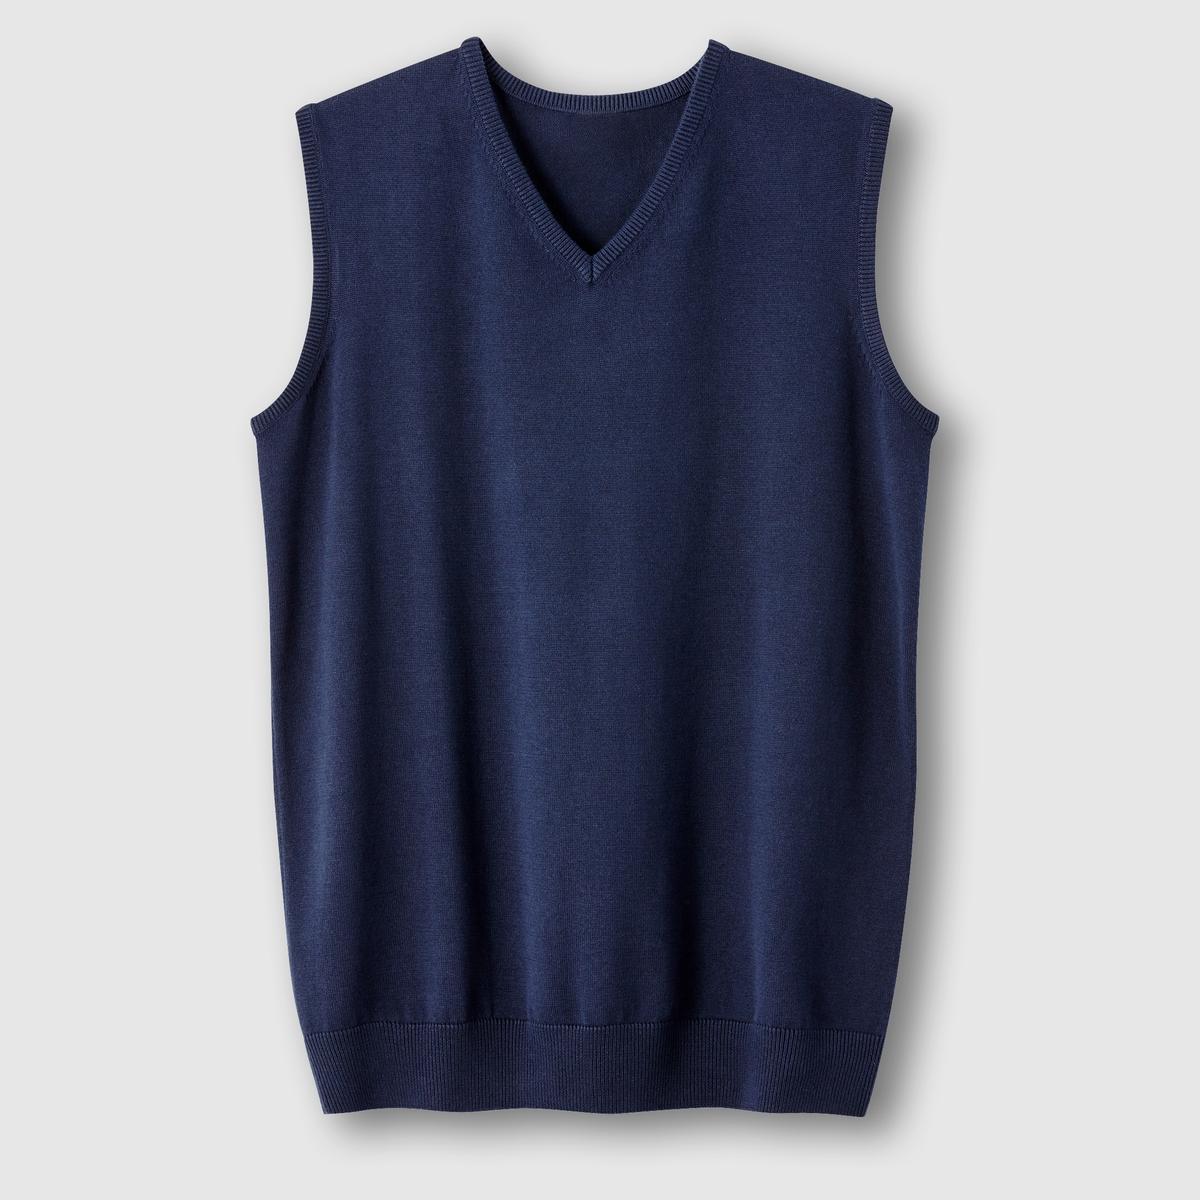 Пуловер без рукавов с V-образным вырезомПуловер без рукавов. V-образный вырез. Края выреза, низа и проймы рукавов связаны в рубчик. Трикотаж, 100% хлопок. Длина 72 см.<br><br>Цвет: темно-синий<br>Размер: 66/68